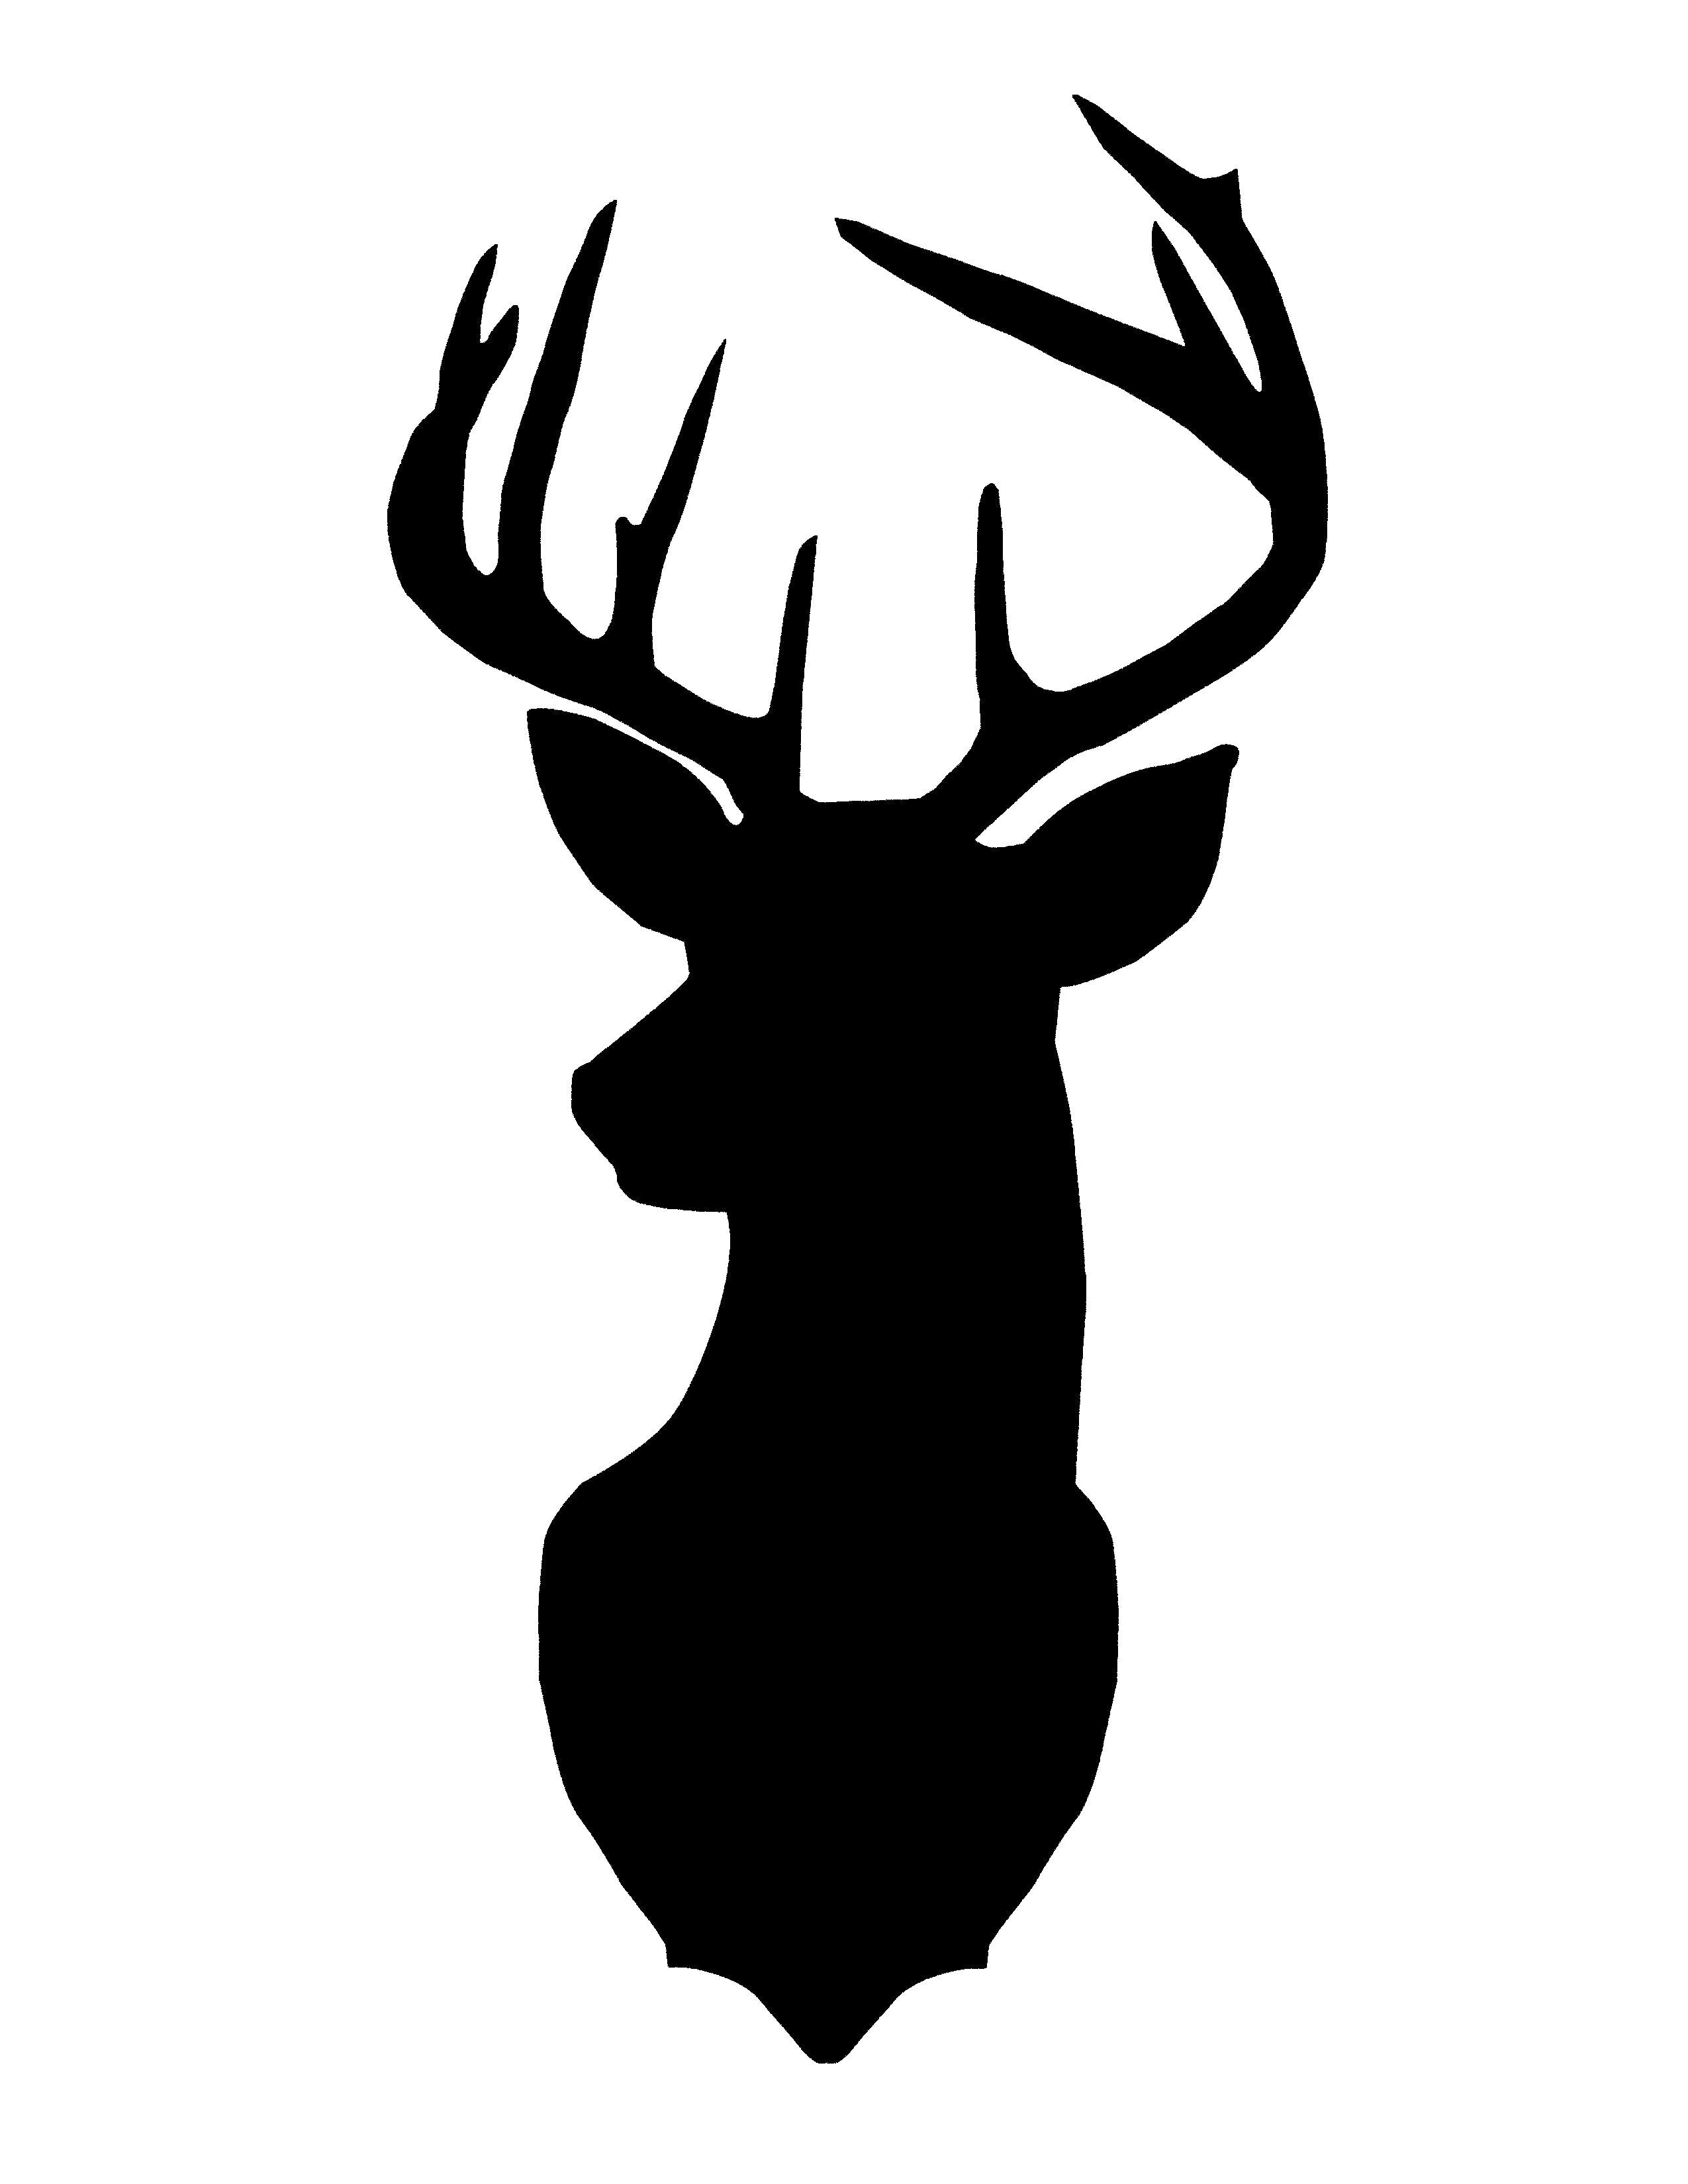 Deer head outline. Drawing free download best